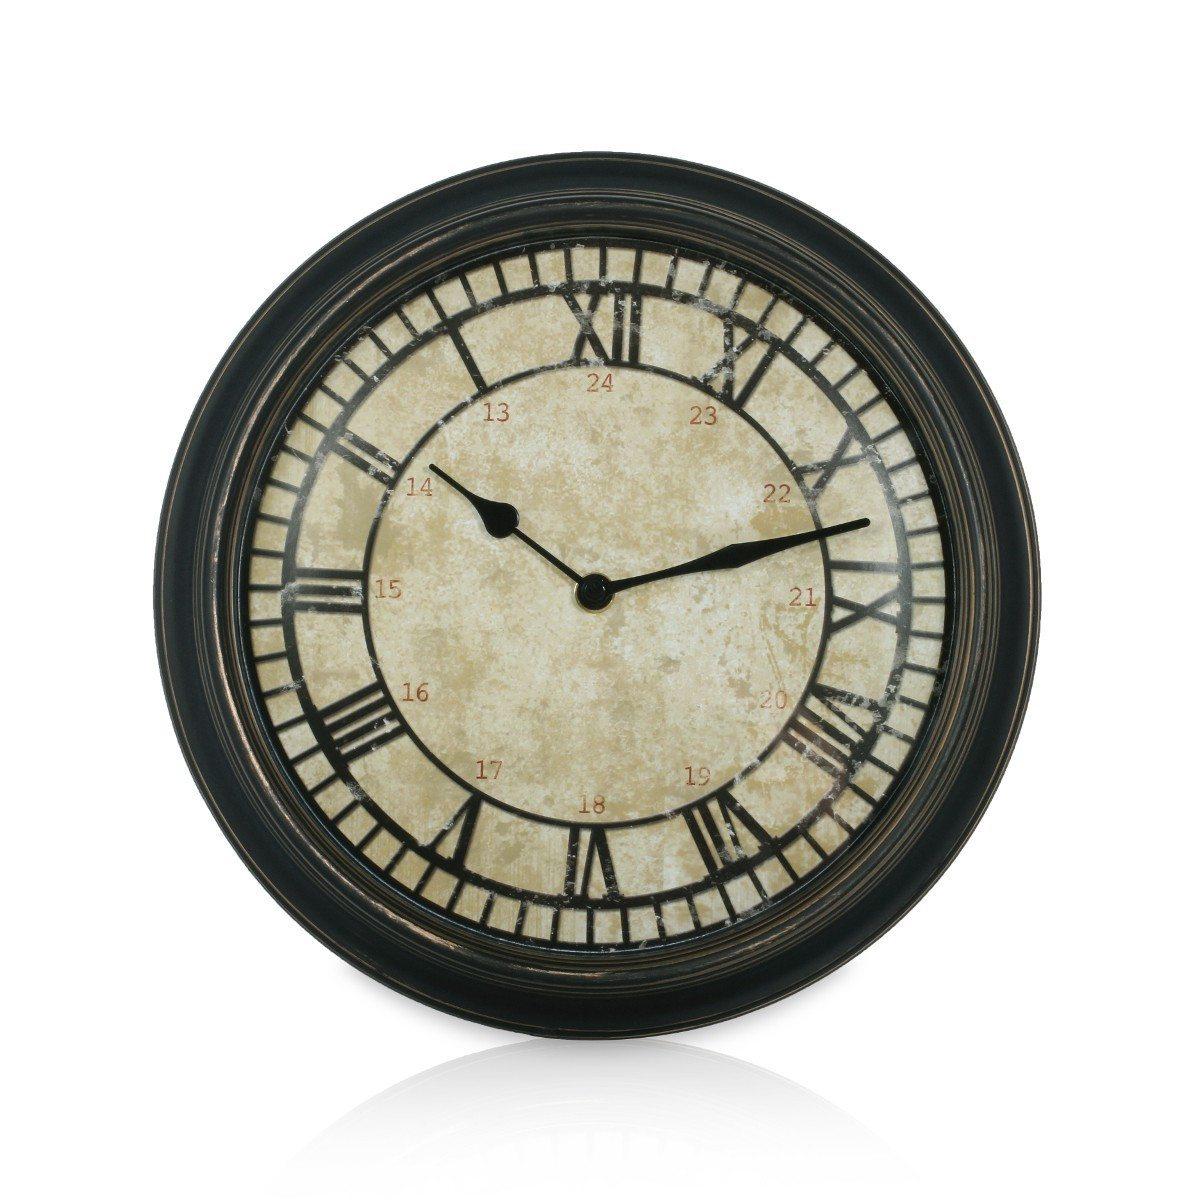 Orologio antiorario 1